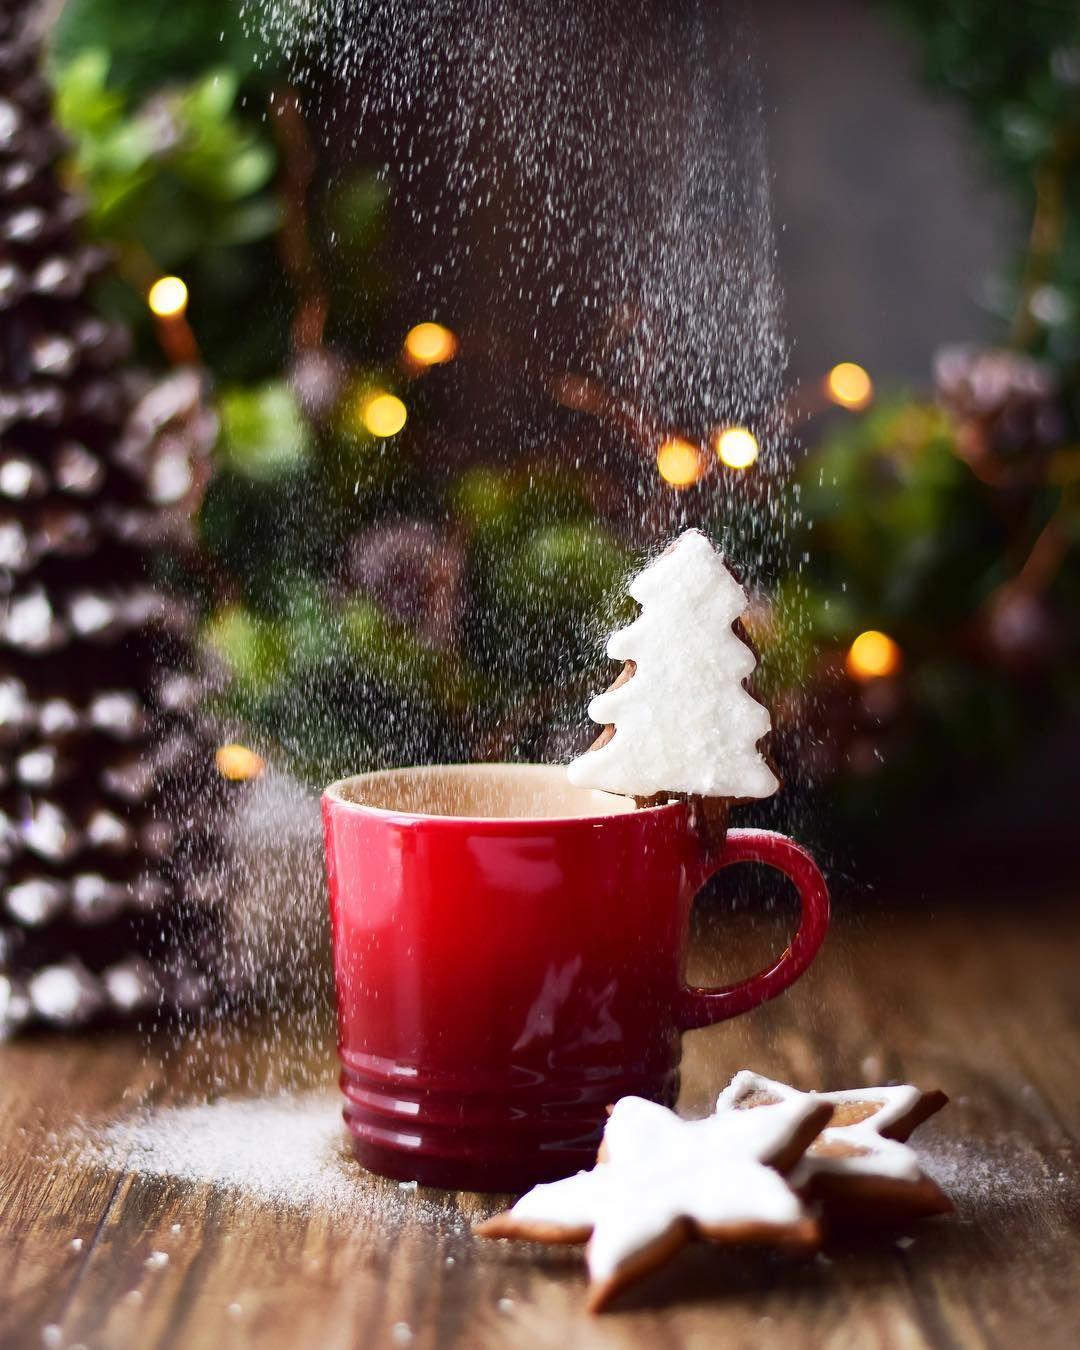 Guten Morgen Mit Kaffee Und Leckeren Keckschen Lässt Es Sich